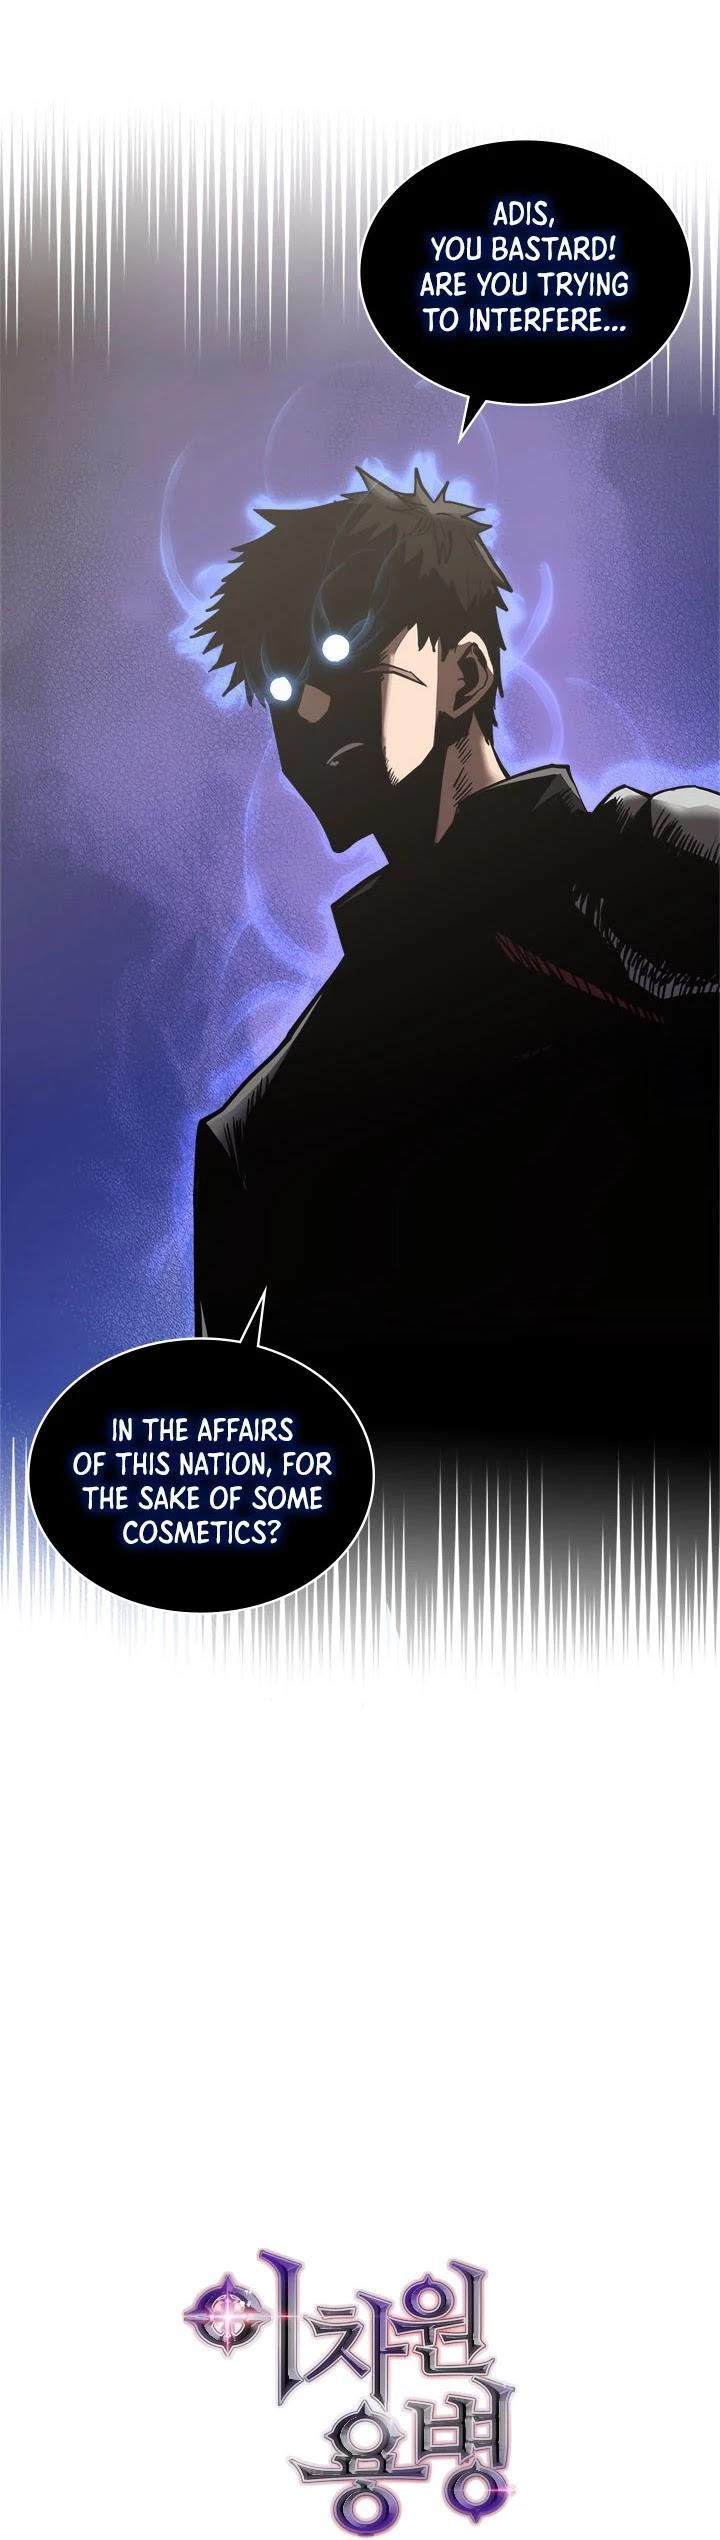 Other World Warrior Chapter 170: Season 4 Ch 58 page 4 - Mangakakalot